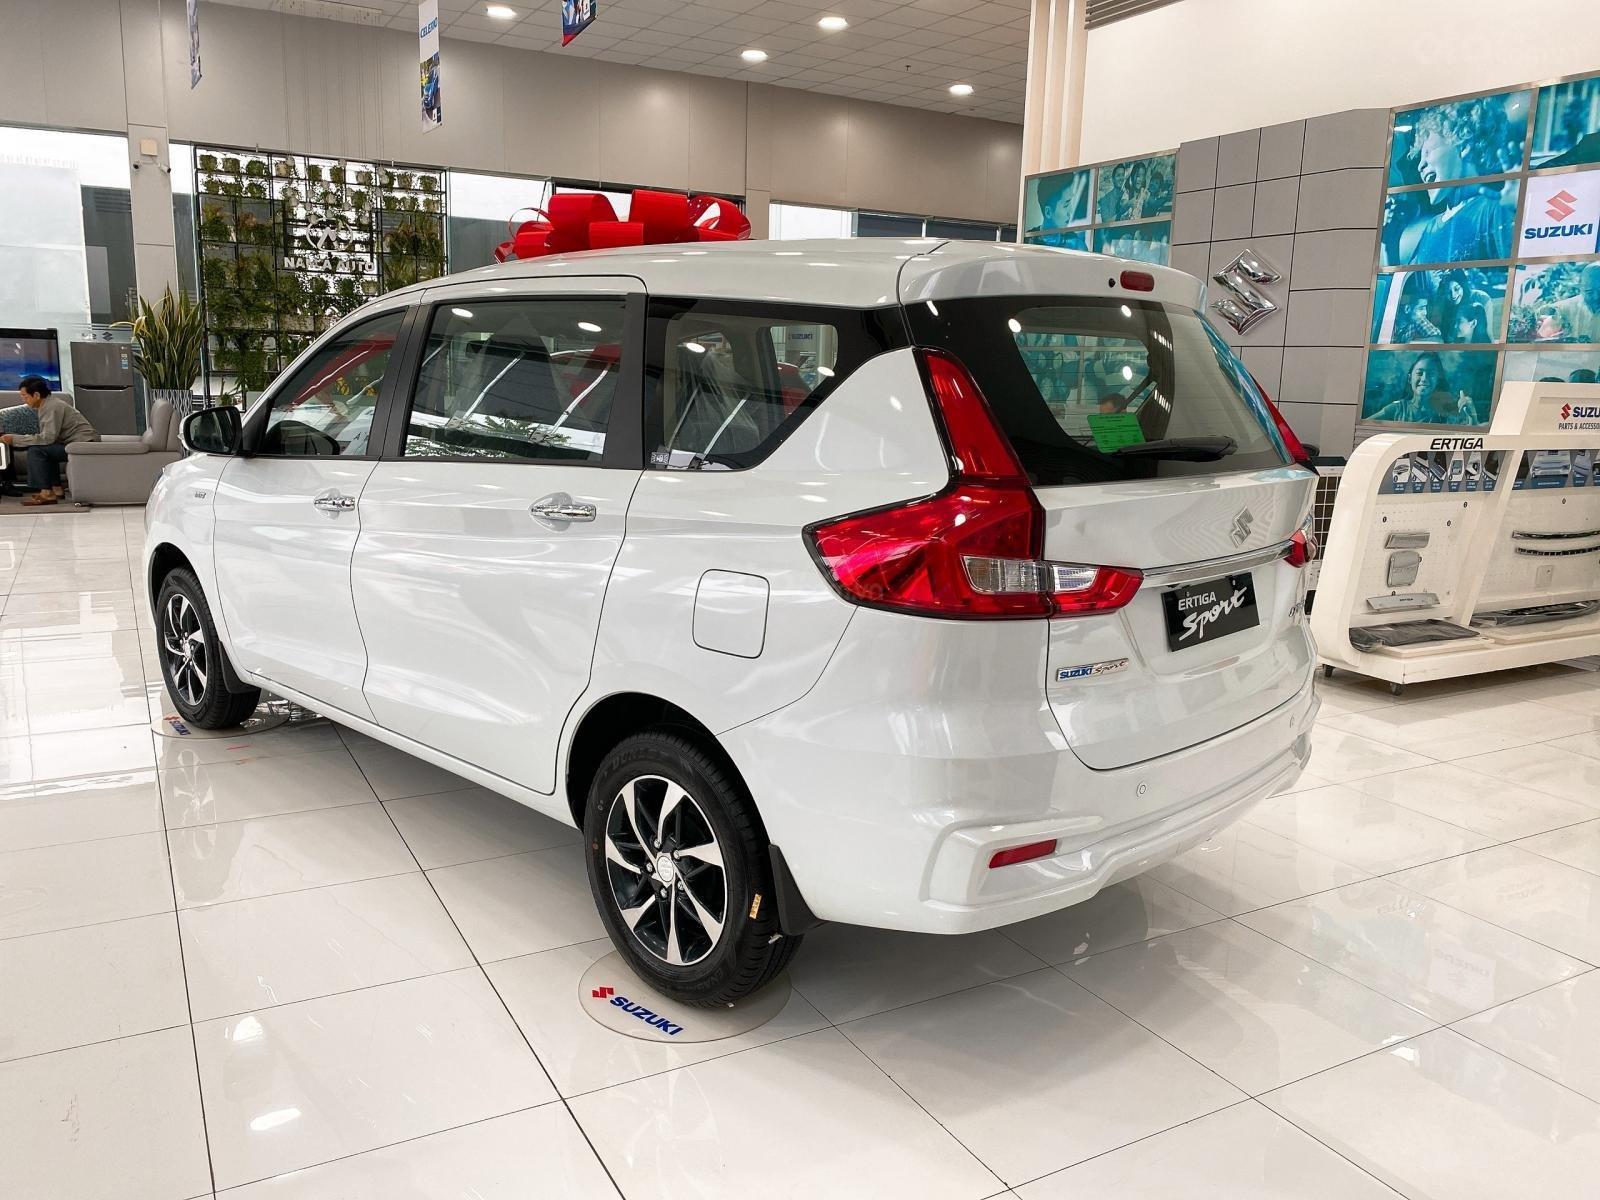 Suzuki Ertiga Sport 2020 - khuyến mãi lớn cùng nhiều phần quà hấp dẫn trong tháng 11 (2)